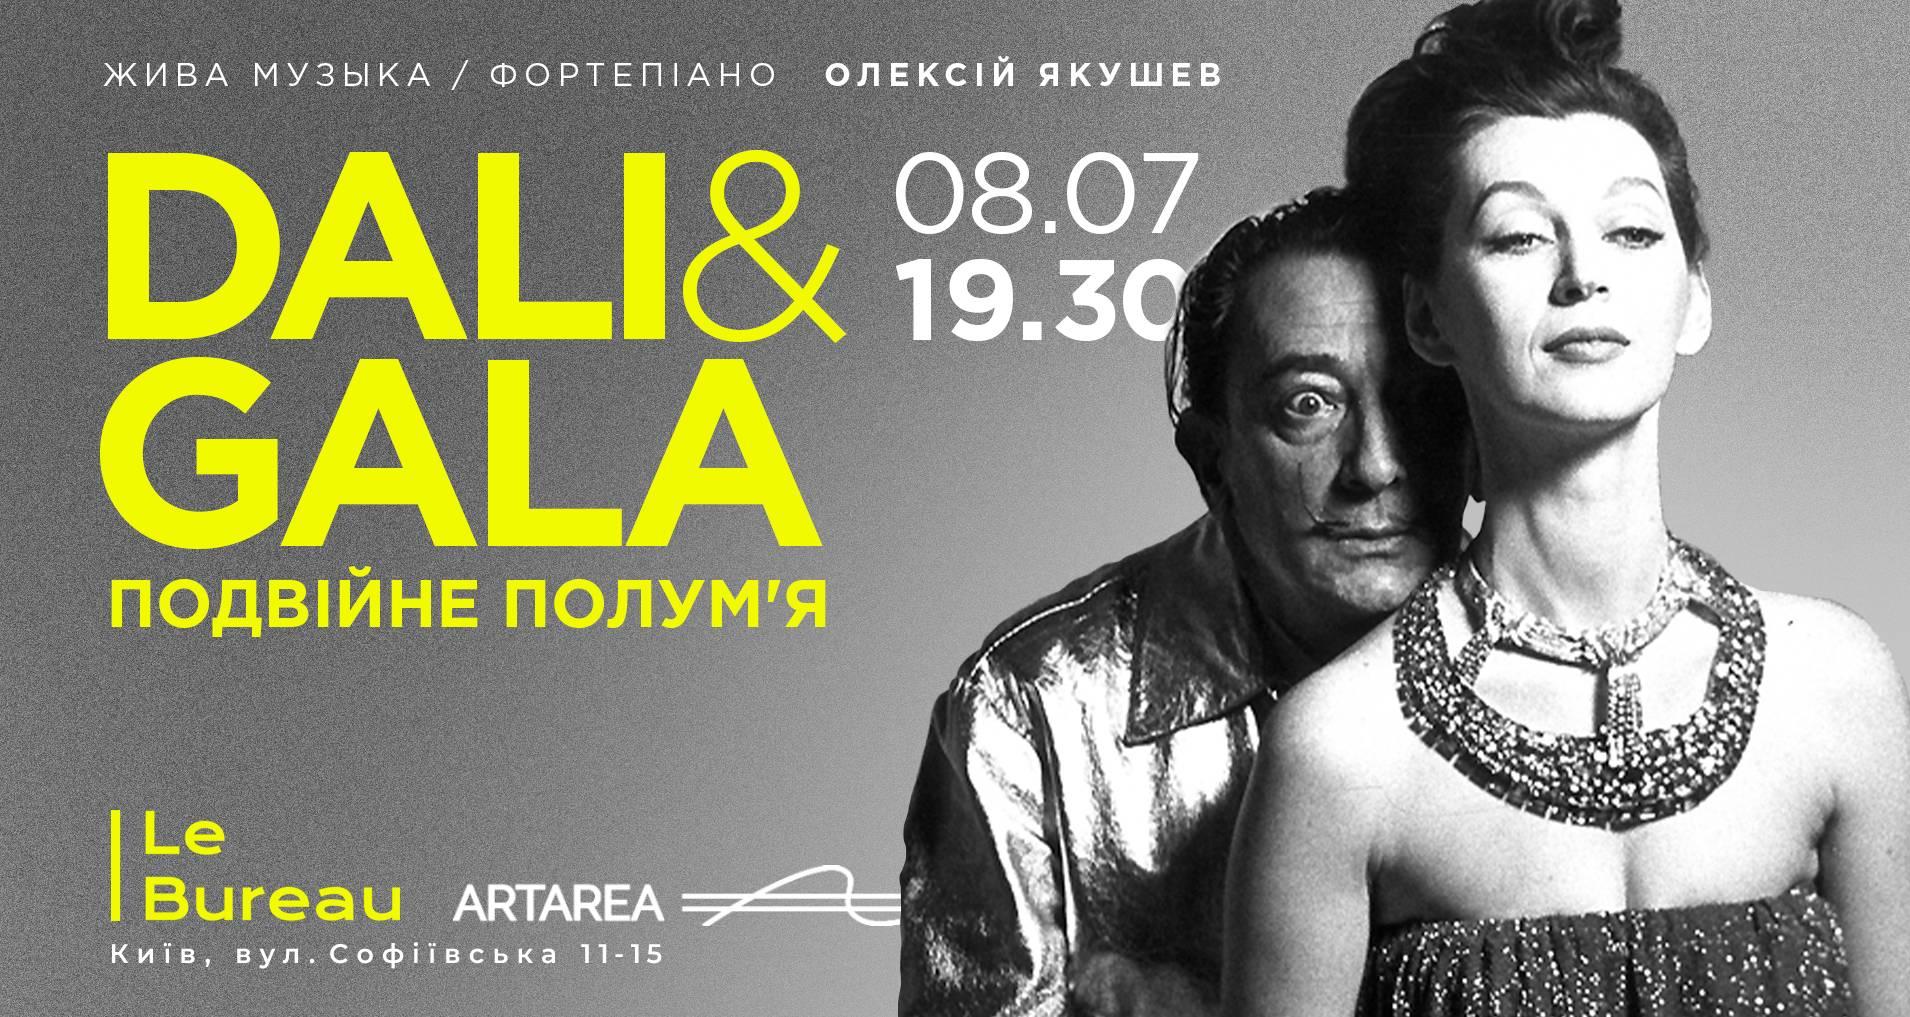 Dali & Gala: подвійне полум'я